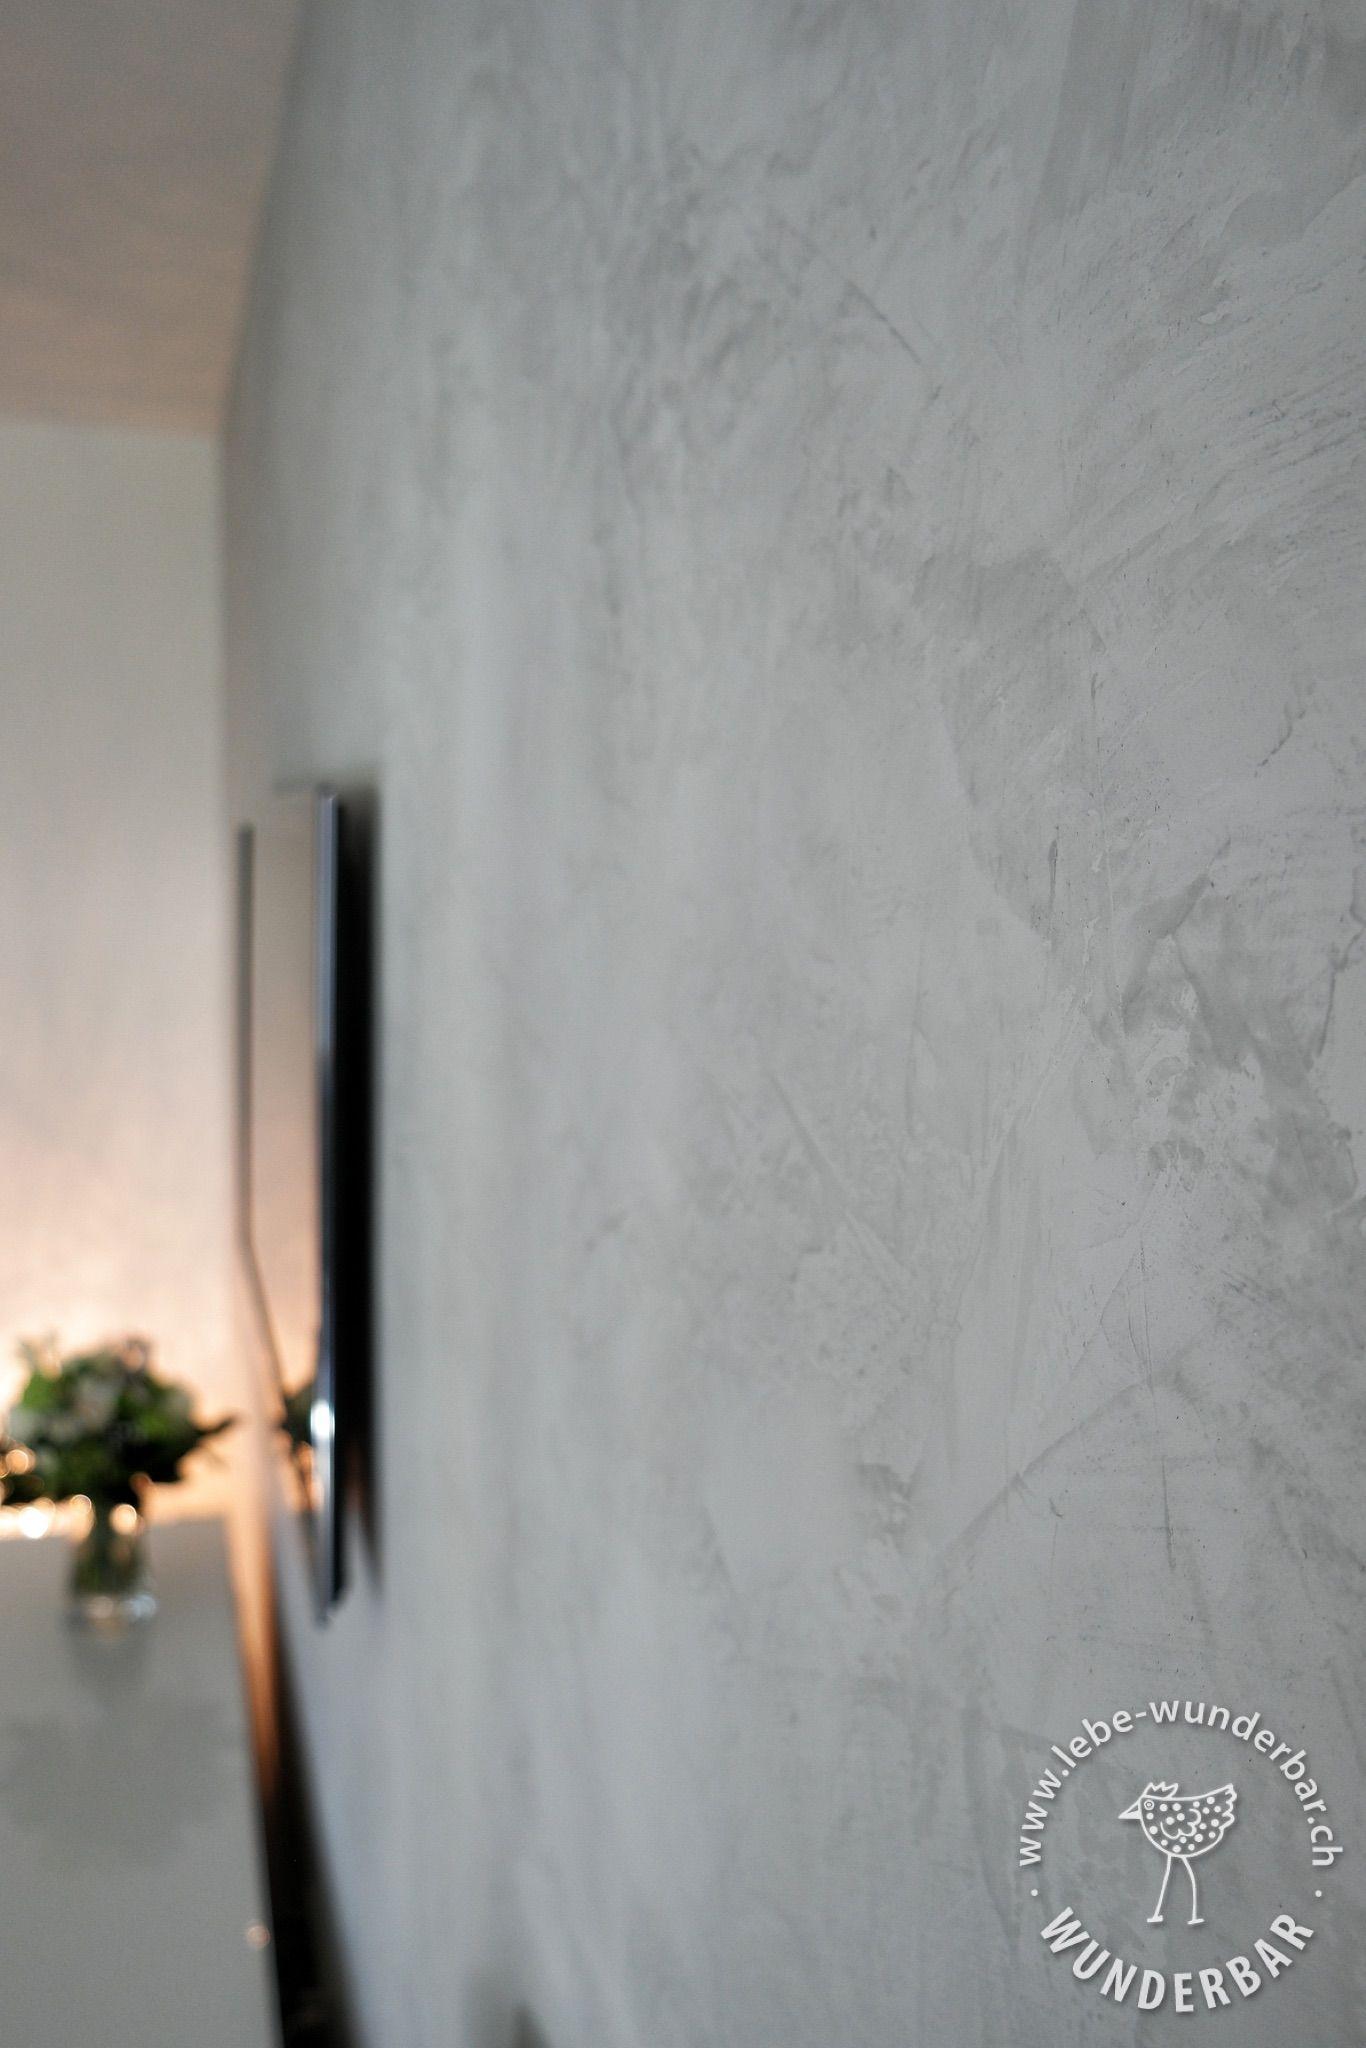 Raumgestaltung Durch Wandveredelung Wandgestaltung Wohnzimmer Ideen Wandgestaltung Wandgestaltung Tapete